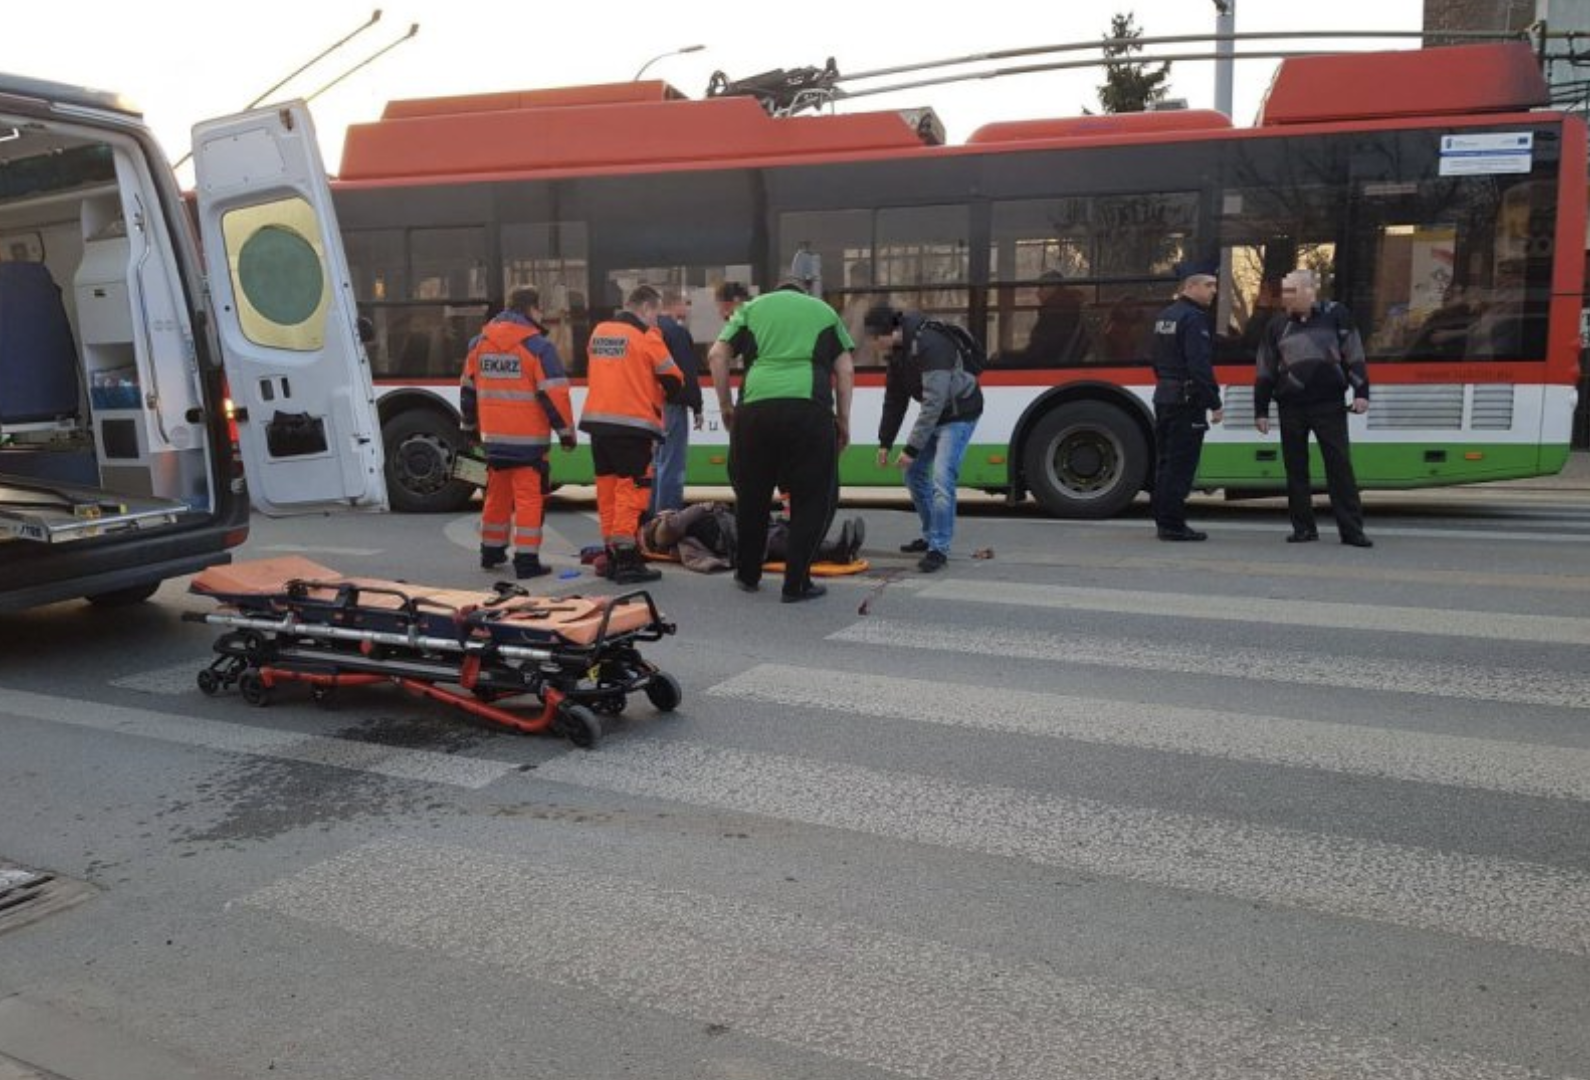 Tragiczny wypadek w Lublinie. Kierowca autobusu potrącił małżeństwo na pasach